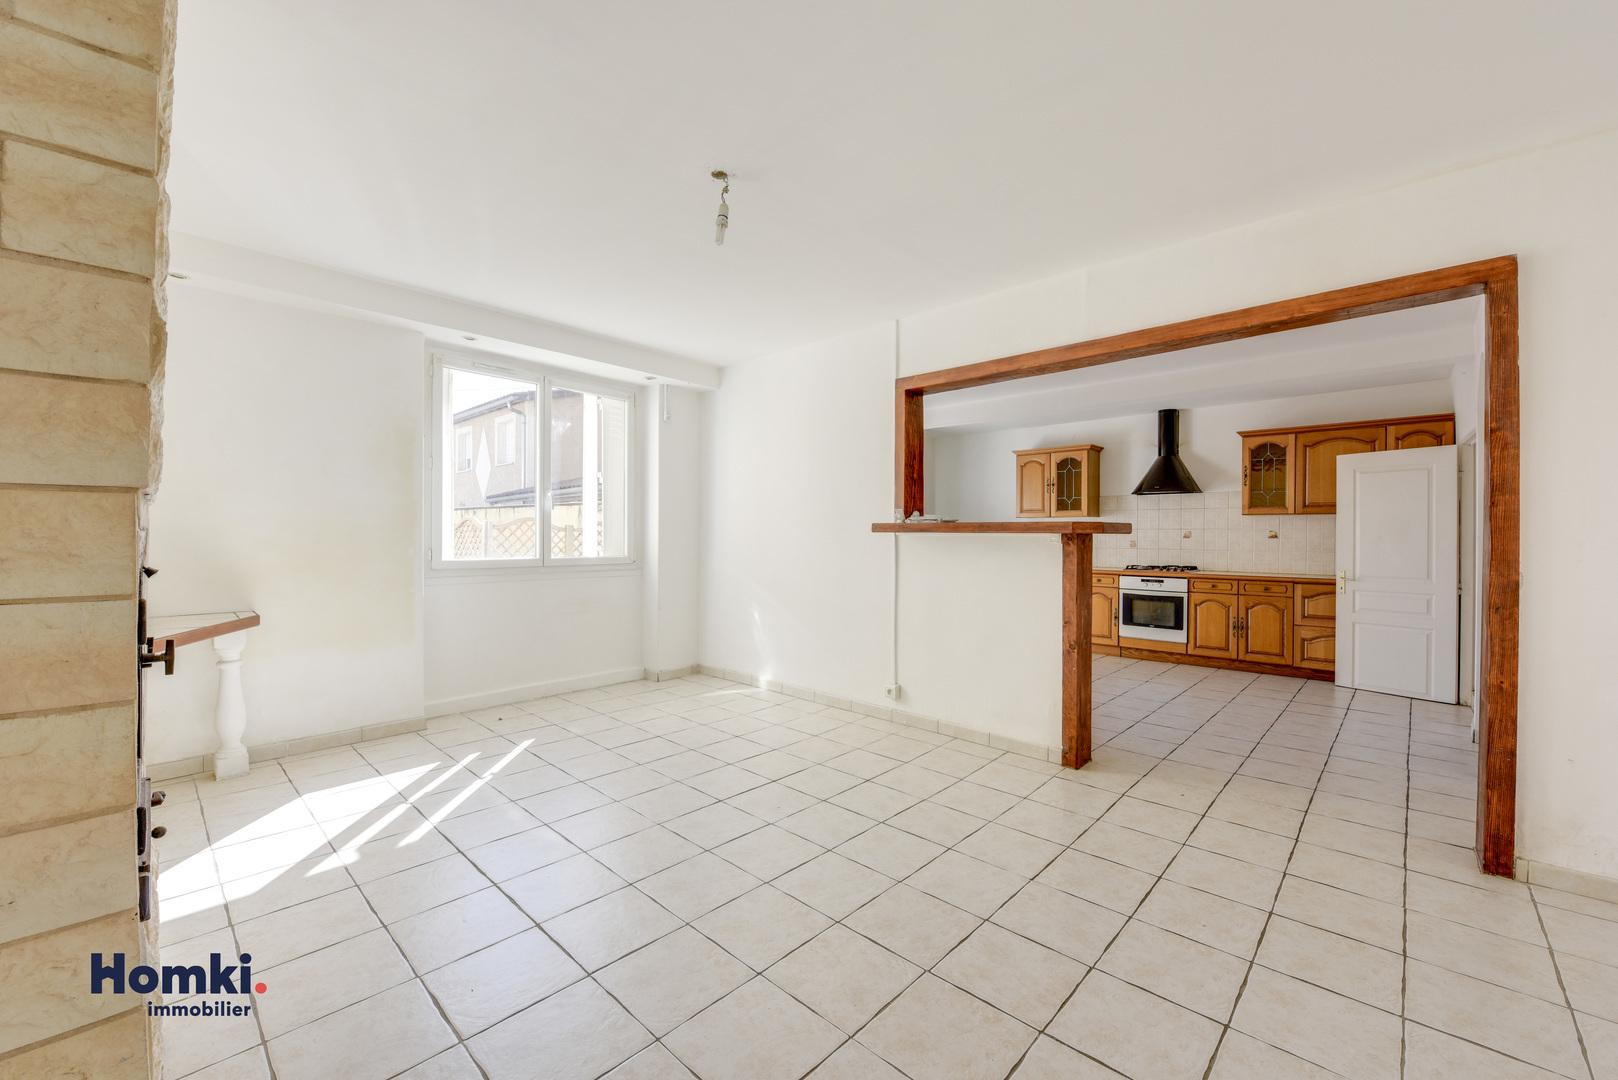 Maison I 113 m² I T4 I 38670 | photo 1